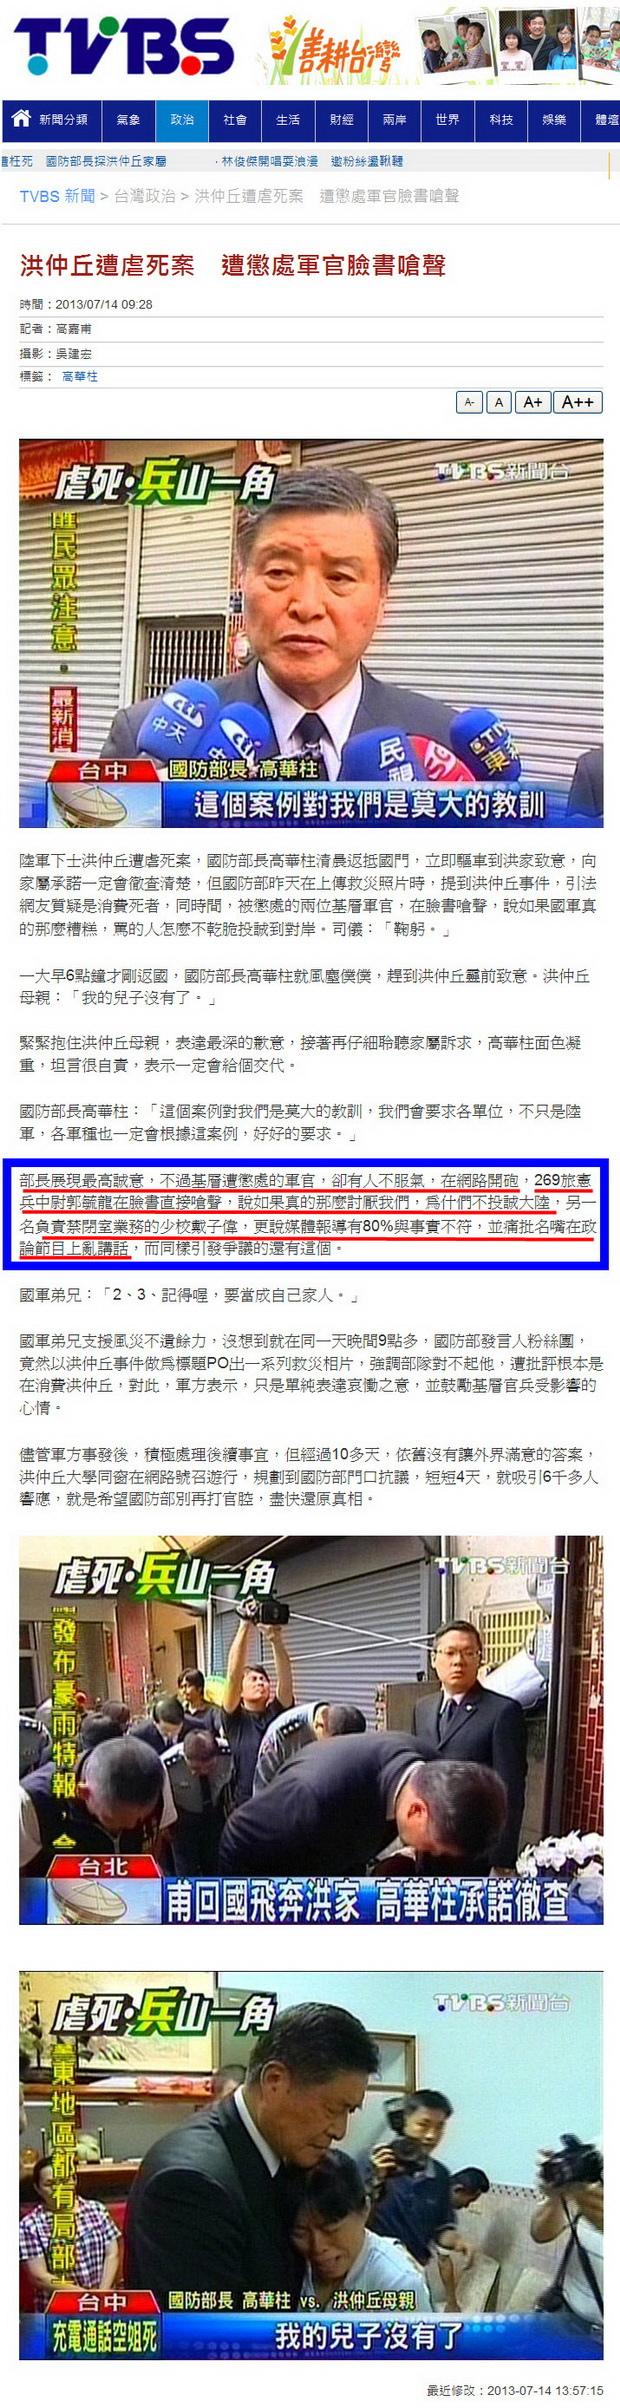 洪仲丘遭虐死案 遭懲處軍官臉書嗆聲-2013.07.14-01.jpg